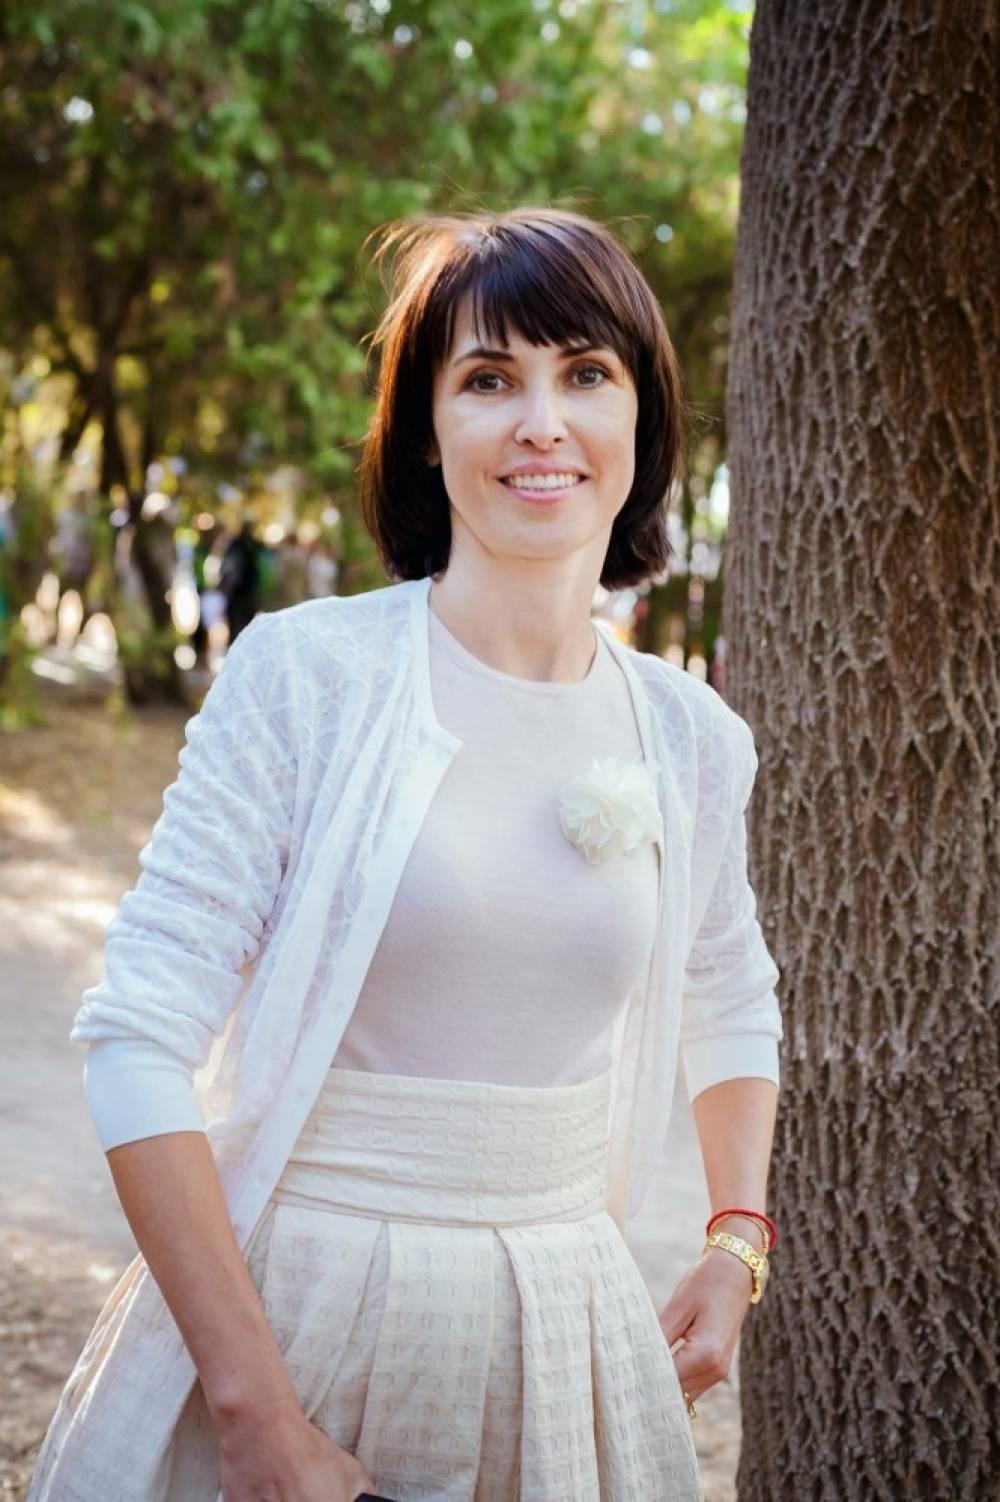 Елена Аксенова: «Помогать нужно, важно и почетно»